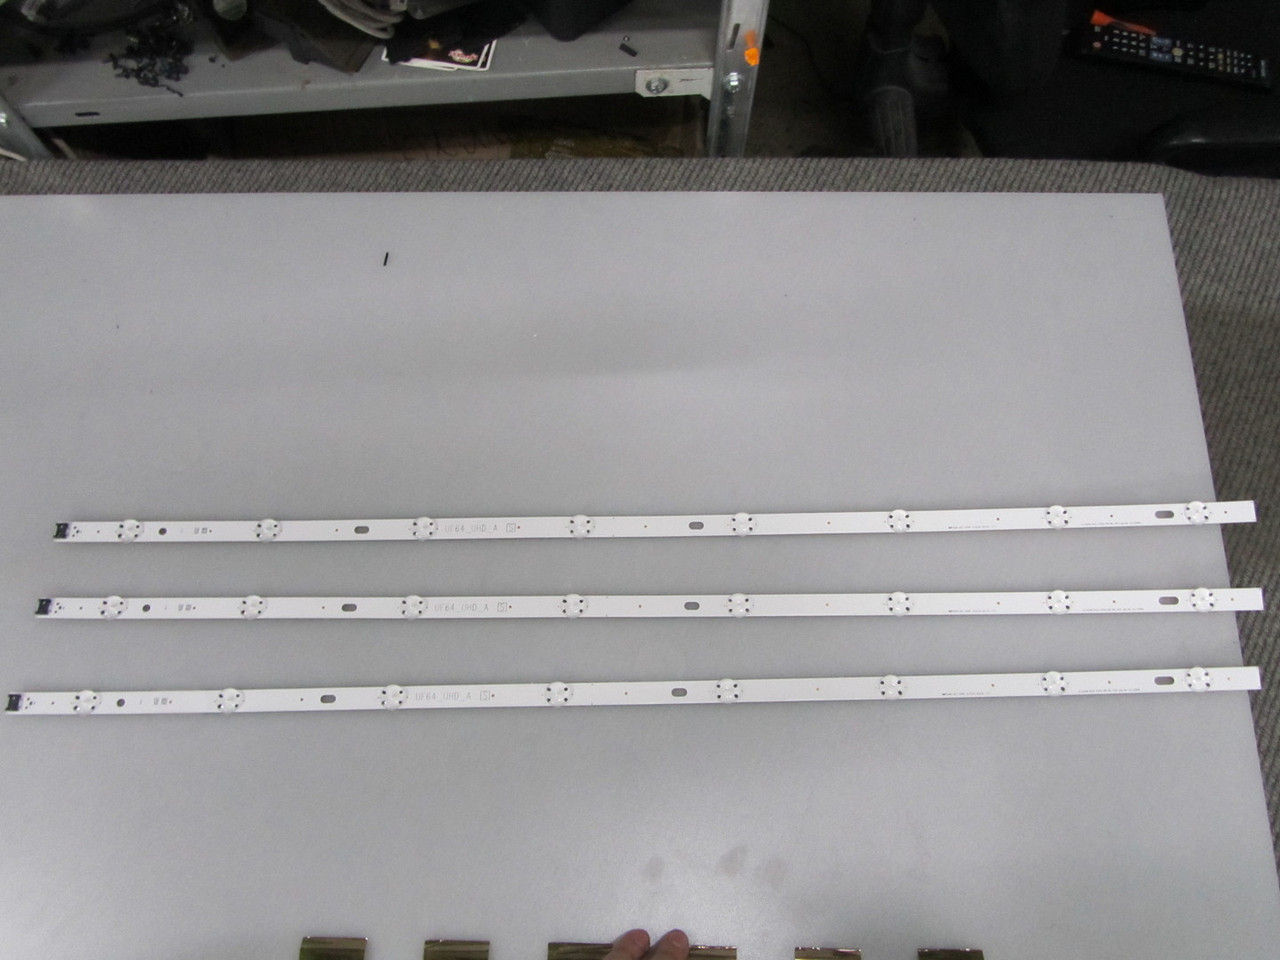 Лед подсветка LG Innotek Direct 43inch UHD 1Bar 24EA type Rev. 0.4_150408 для телевизора LG 43UF640V